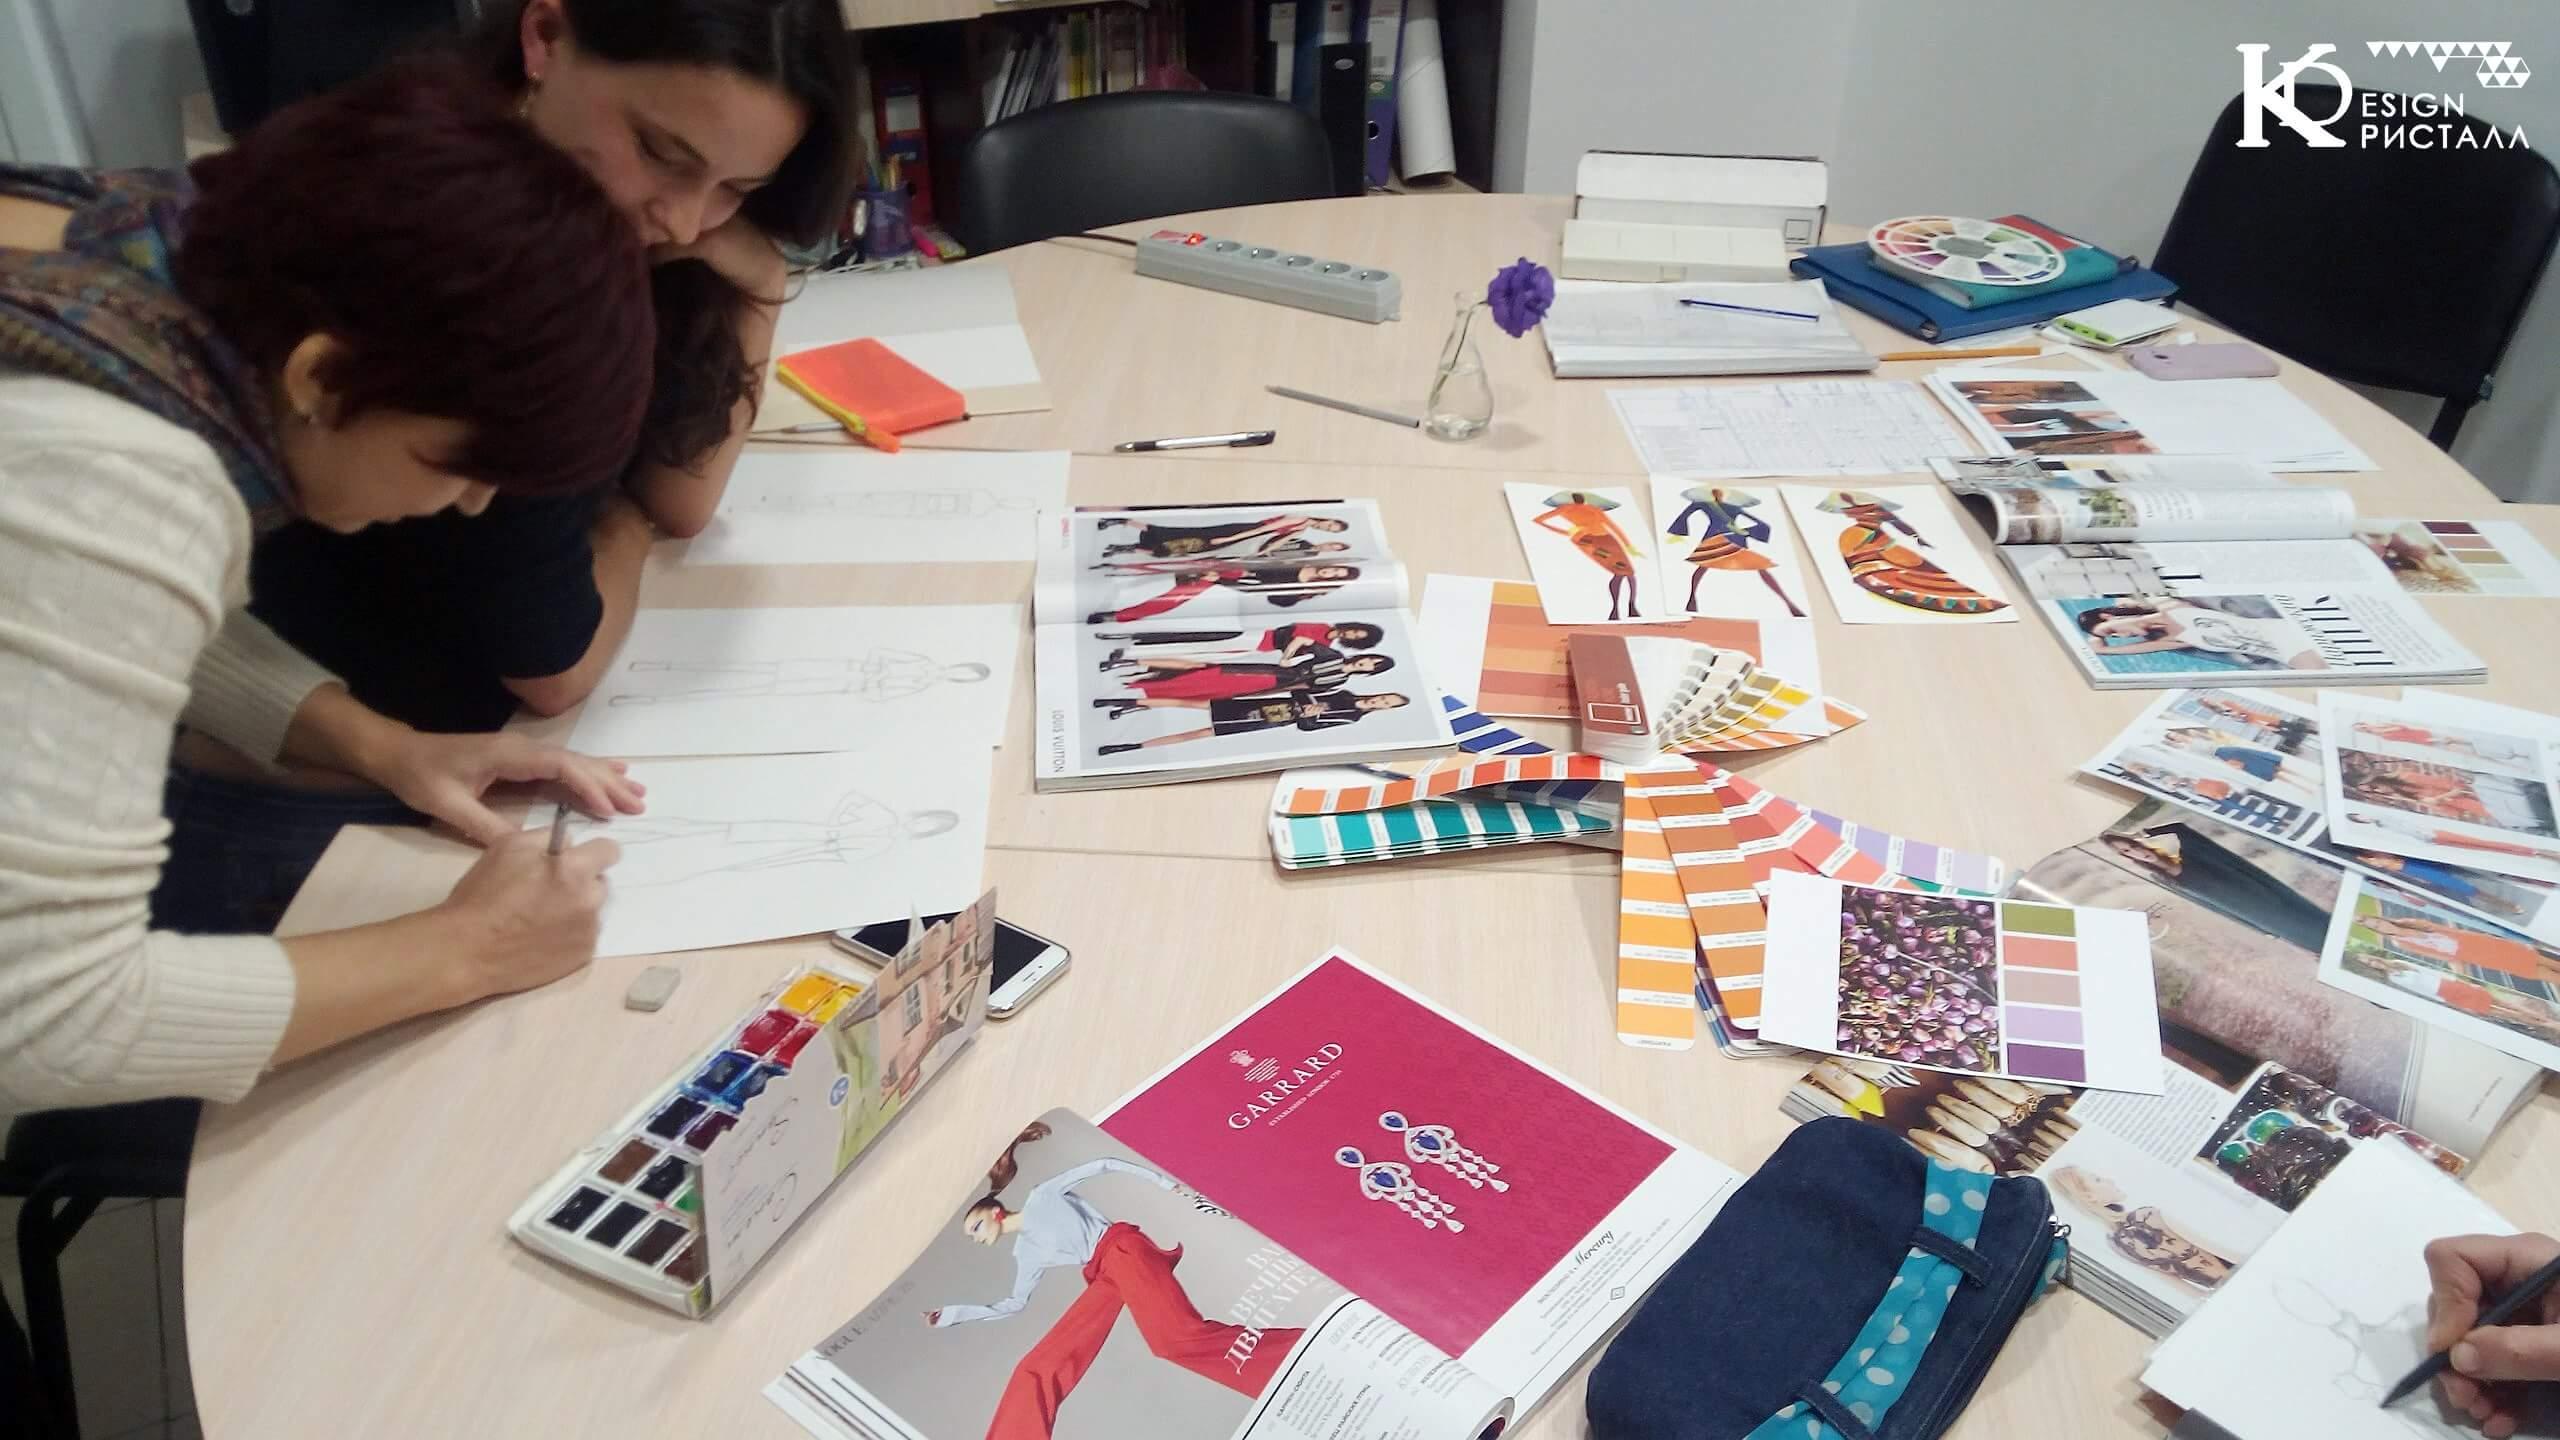 Дизайн одежды. Цвет! Анализируем и учимся.